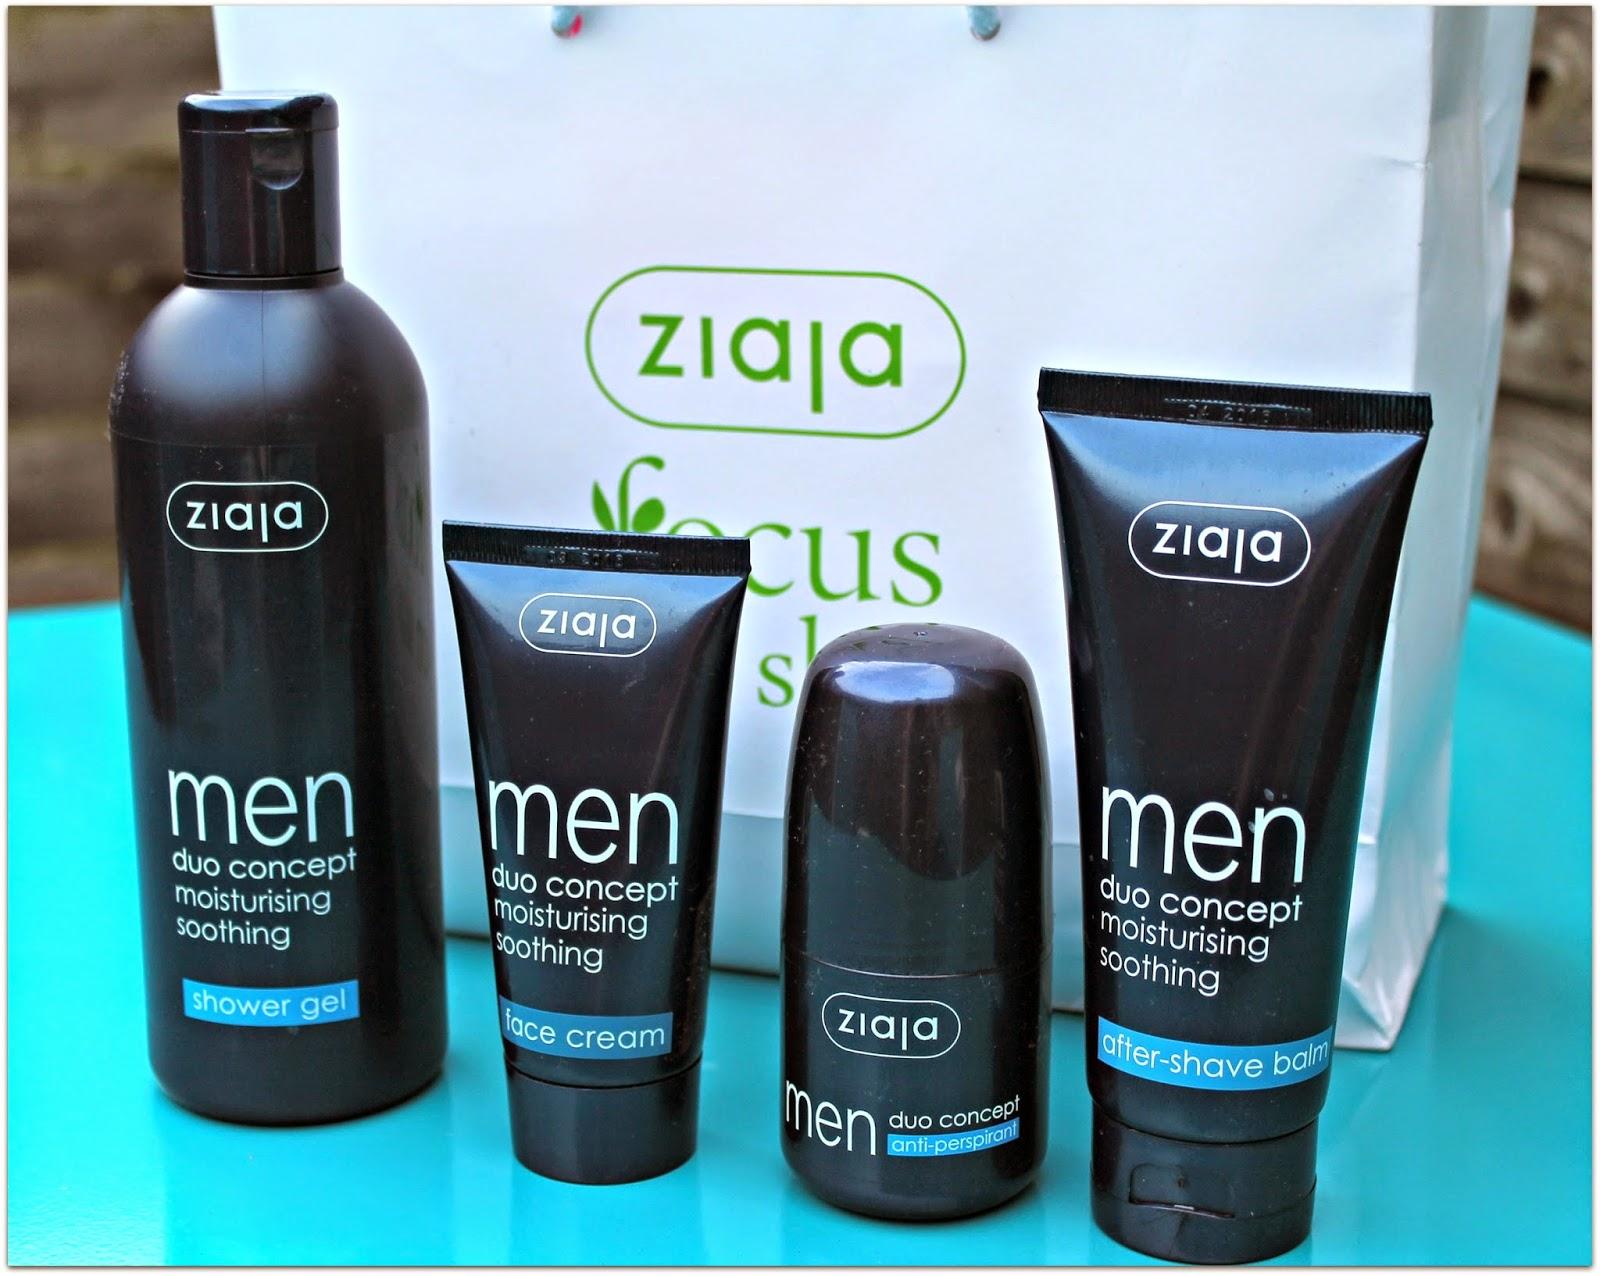 Ziaja Men duo concept